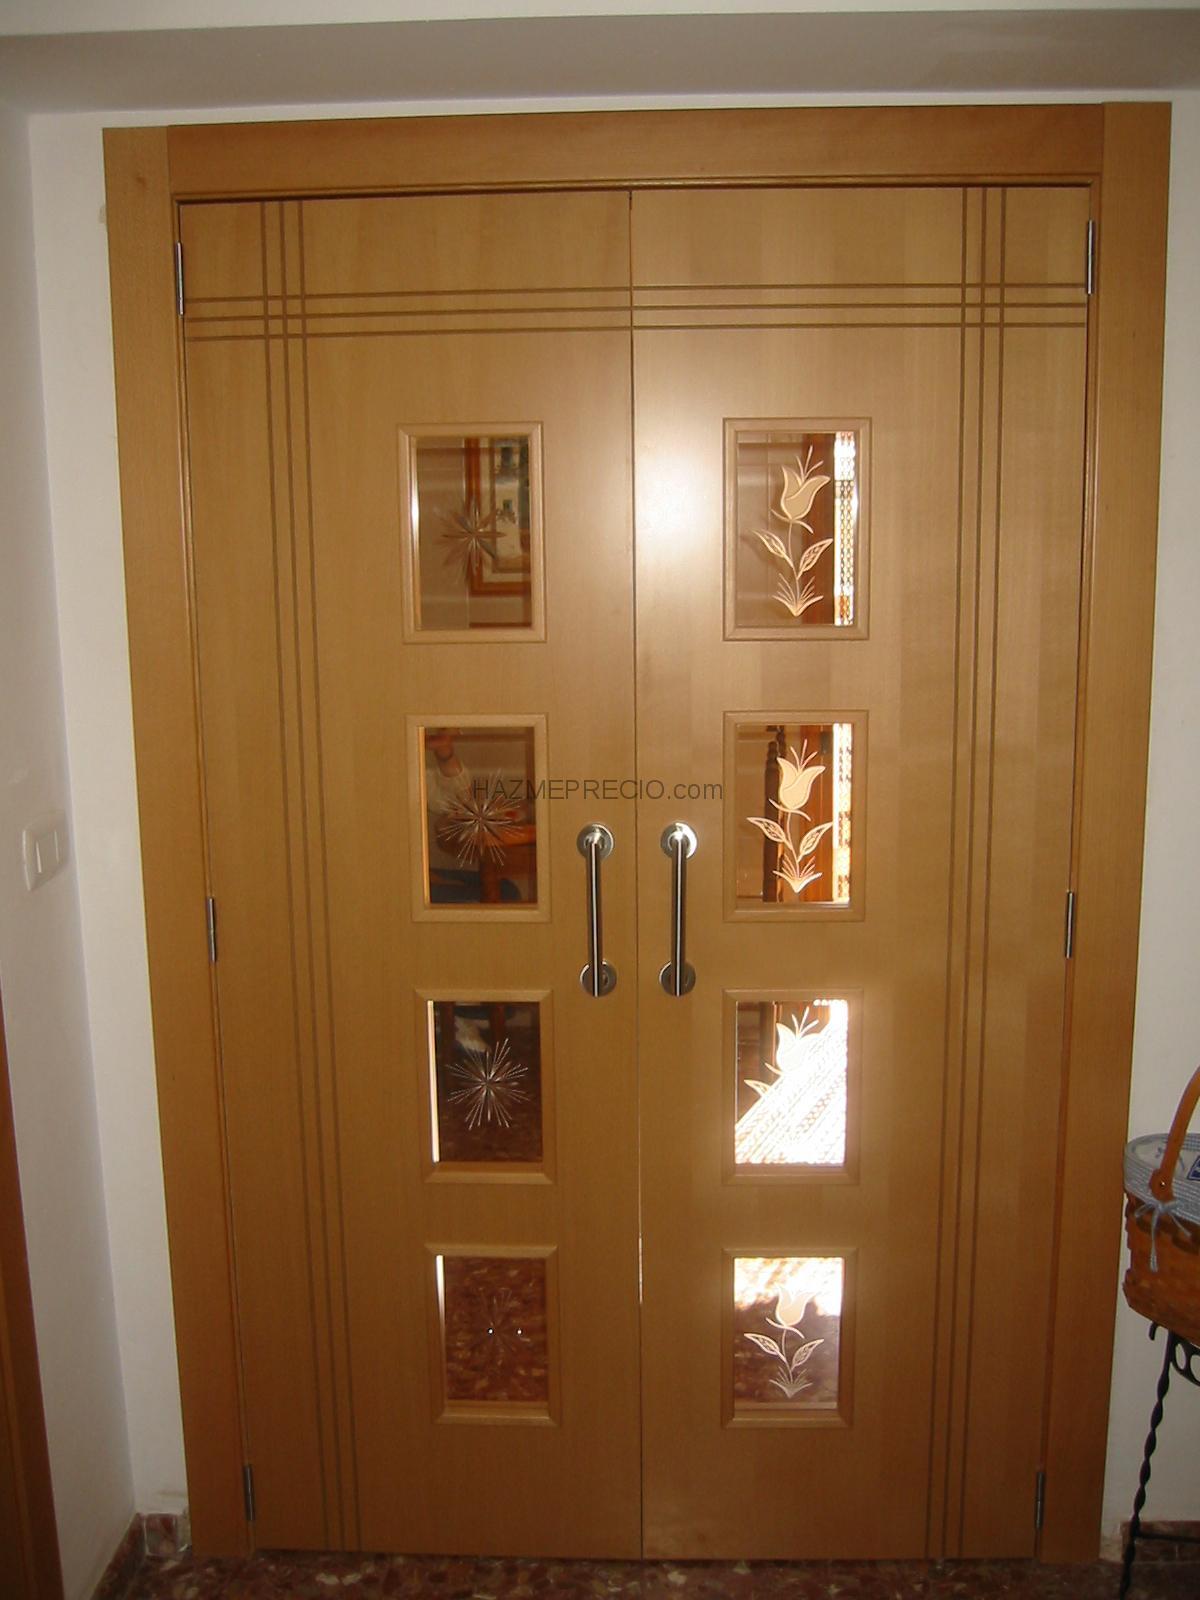 Empresas de puertas de interior en valencia for Puertas interior valencia